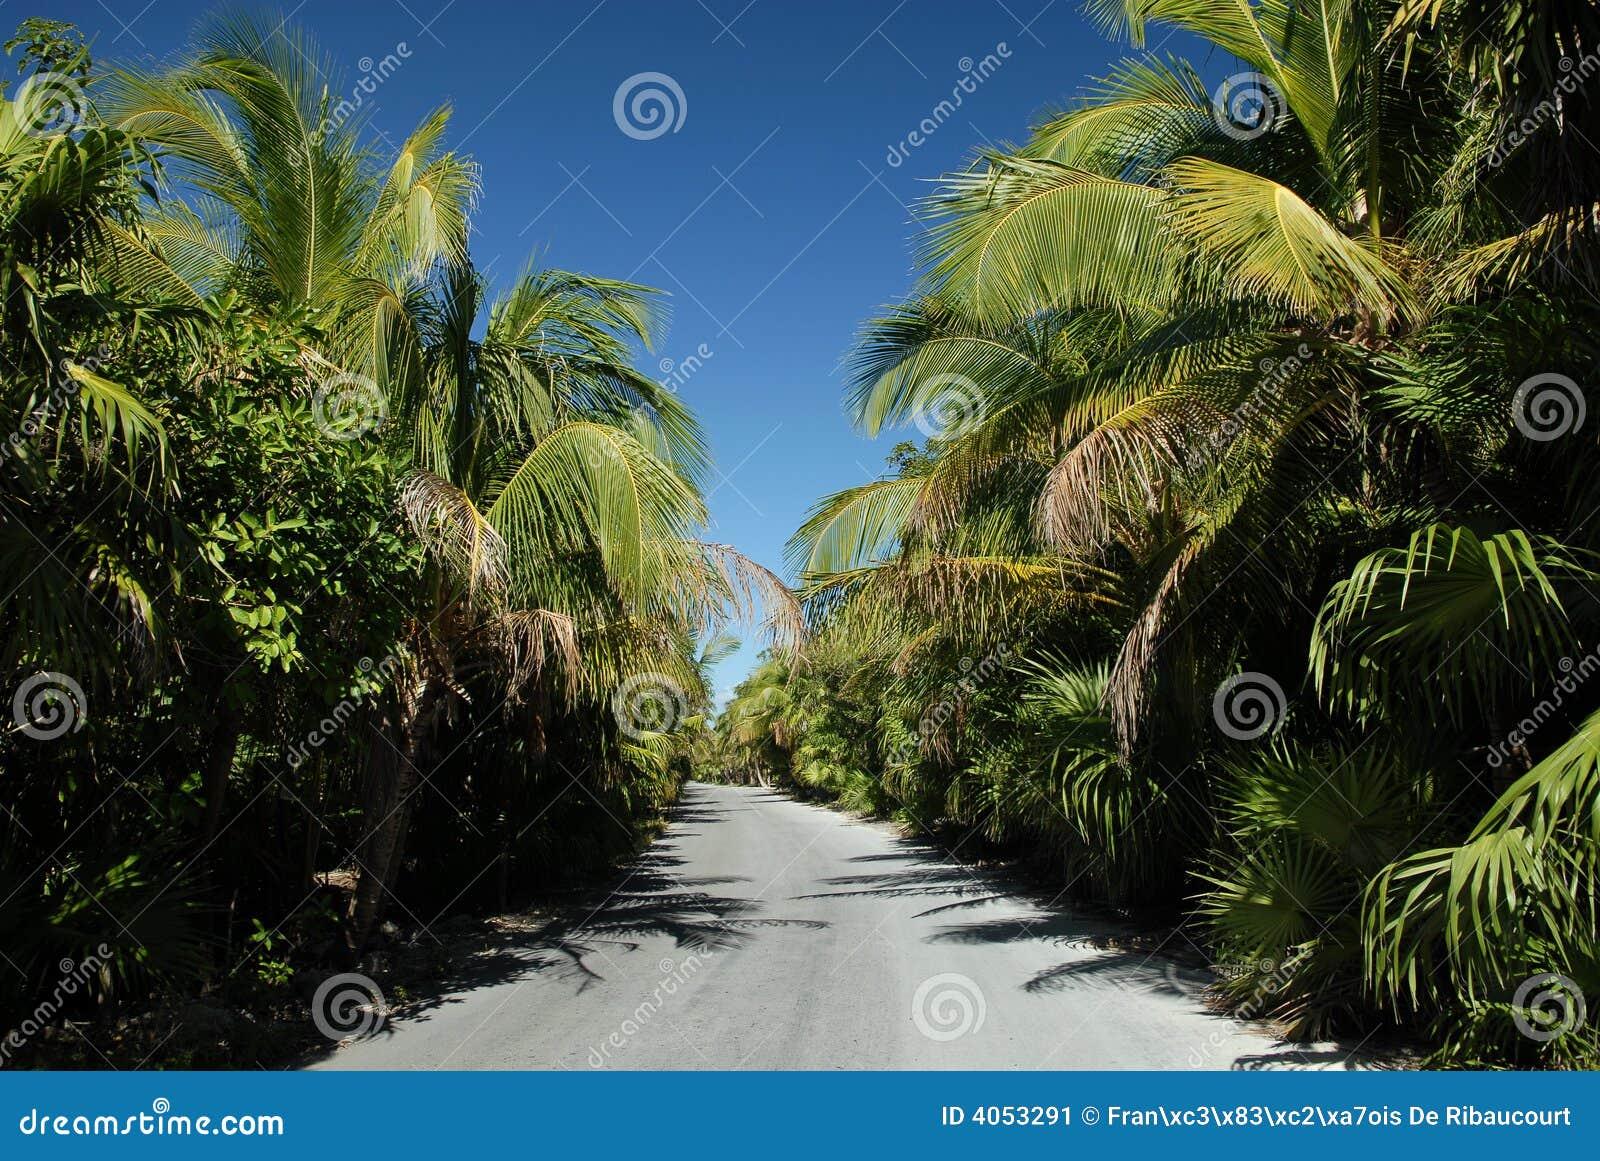 Palmeiras que alinham a estrada da praia